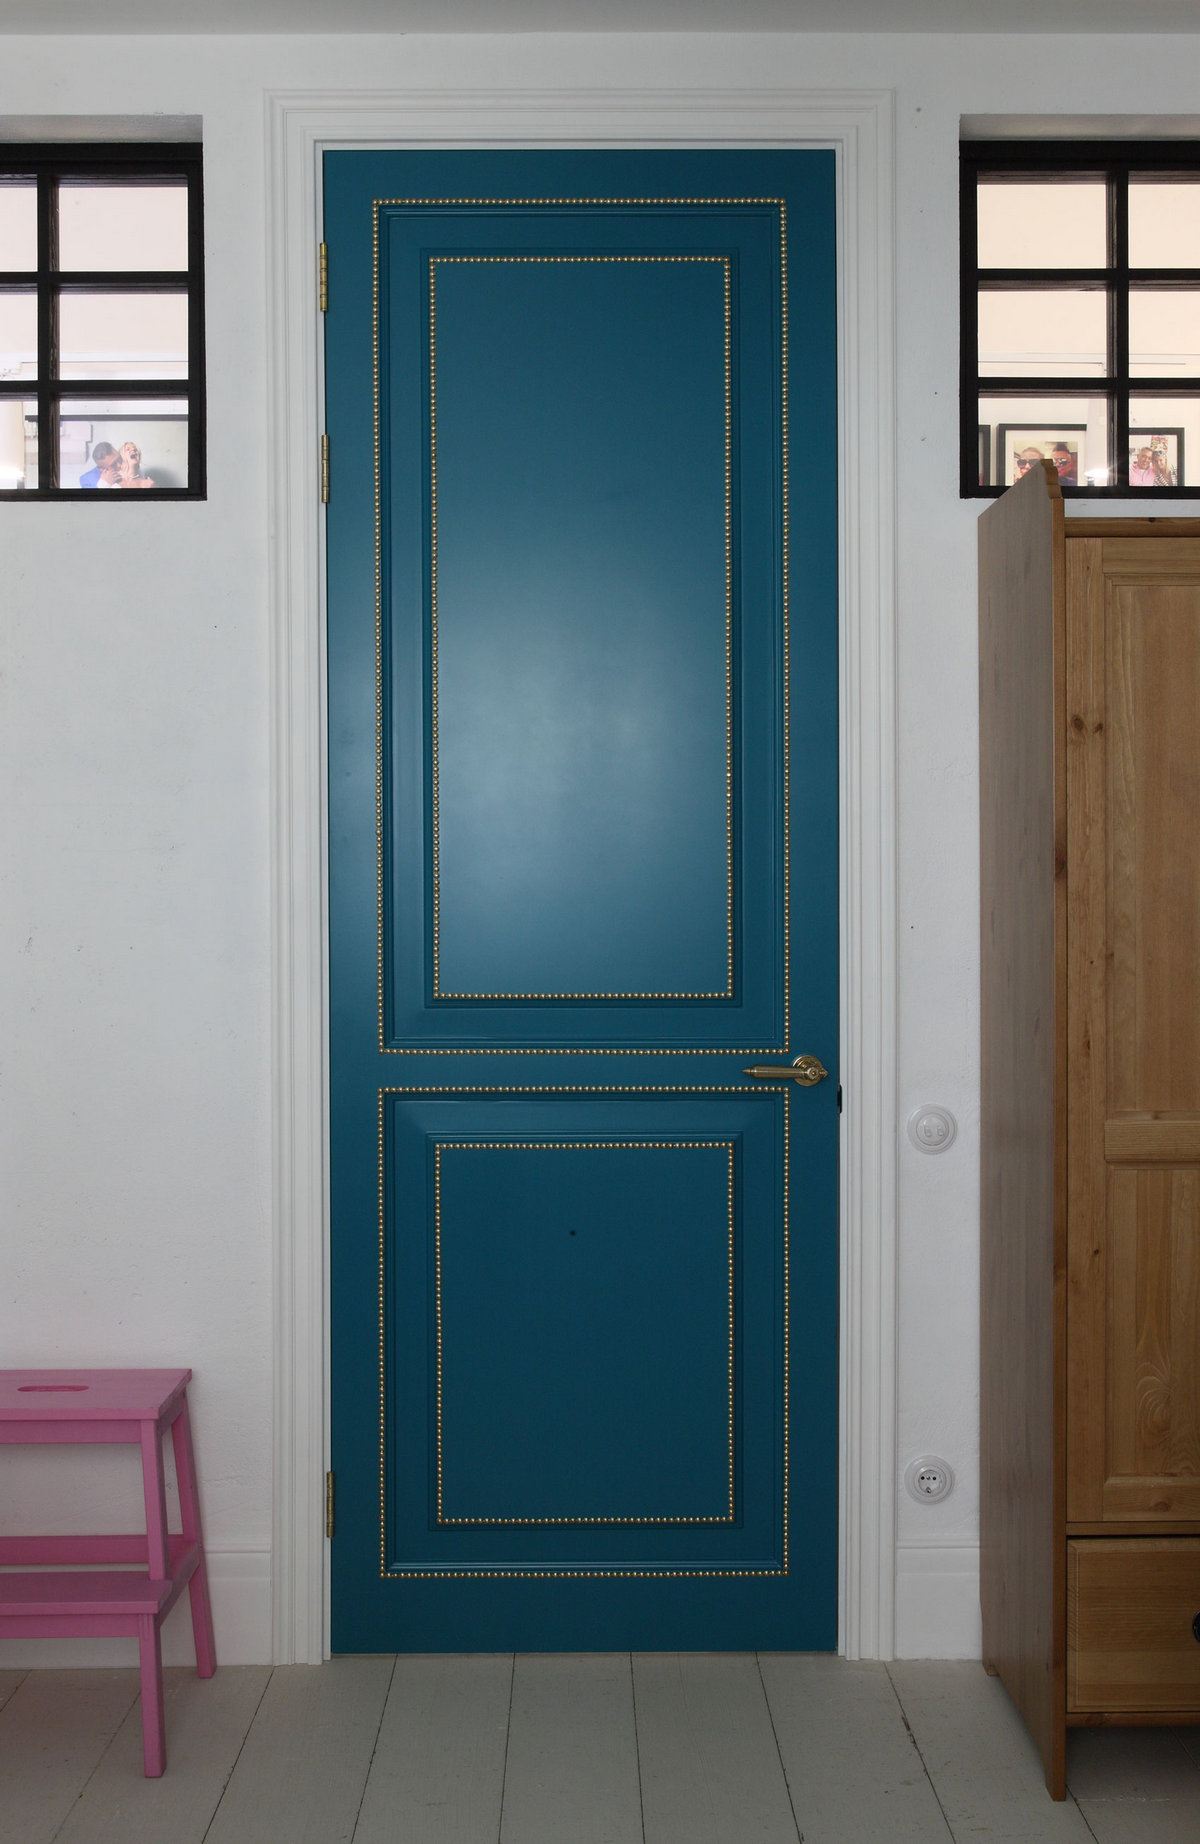 Korneev Design Workshop, красивые квартиры в России, интерьер квартиры Россия, яркий интерьер квартиры фото, обзоры квартир, квартира дизайнера